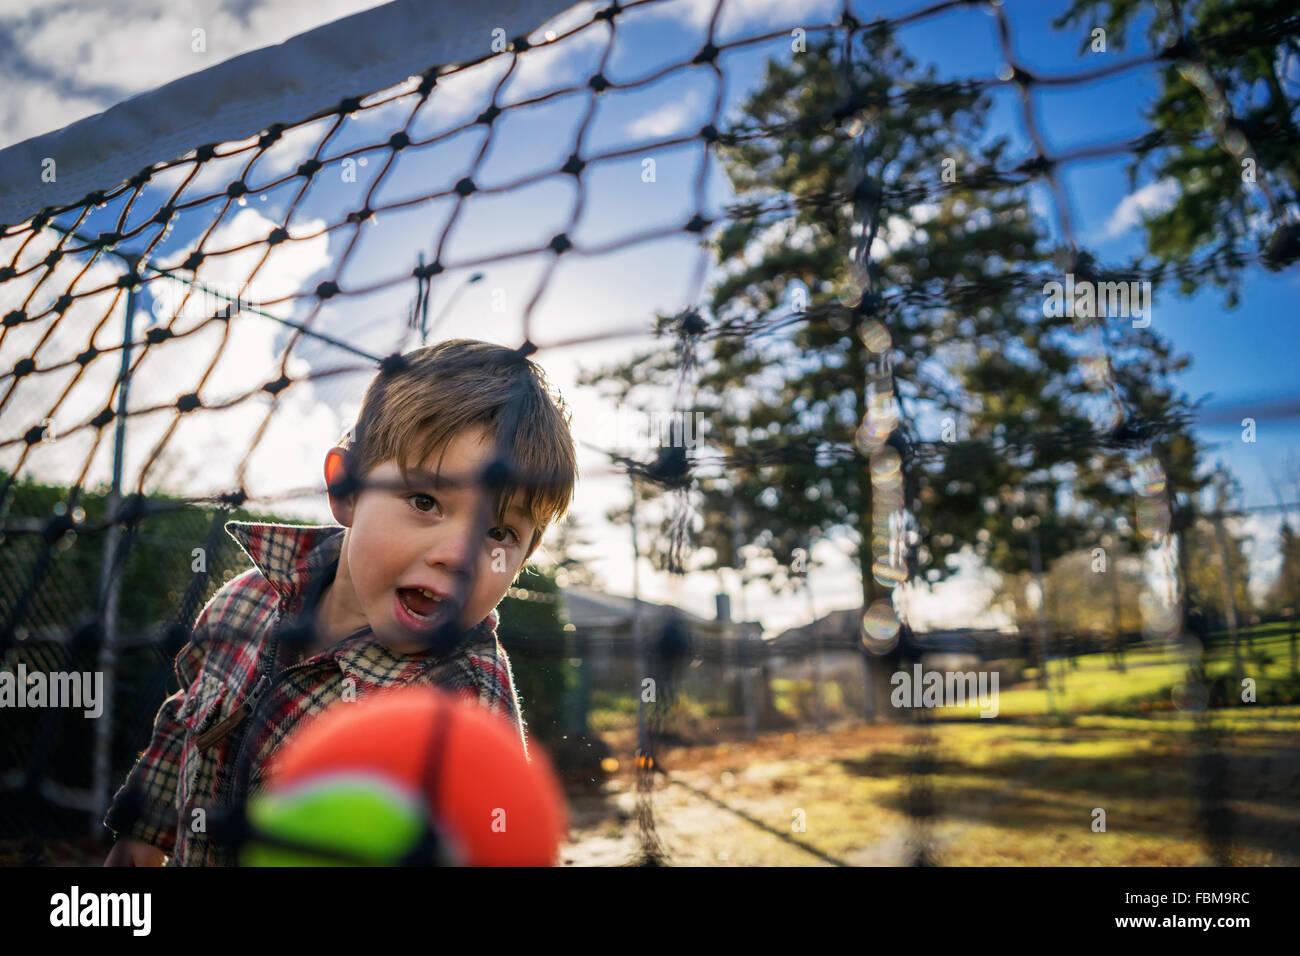 Ver a través de una red de un muchacho lanzando pelota de tenis Imagen De Stock